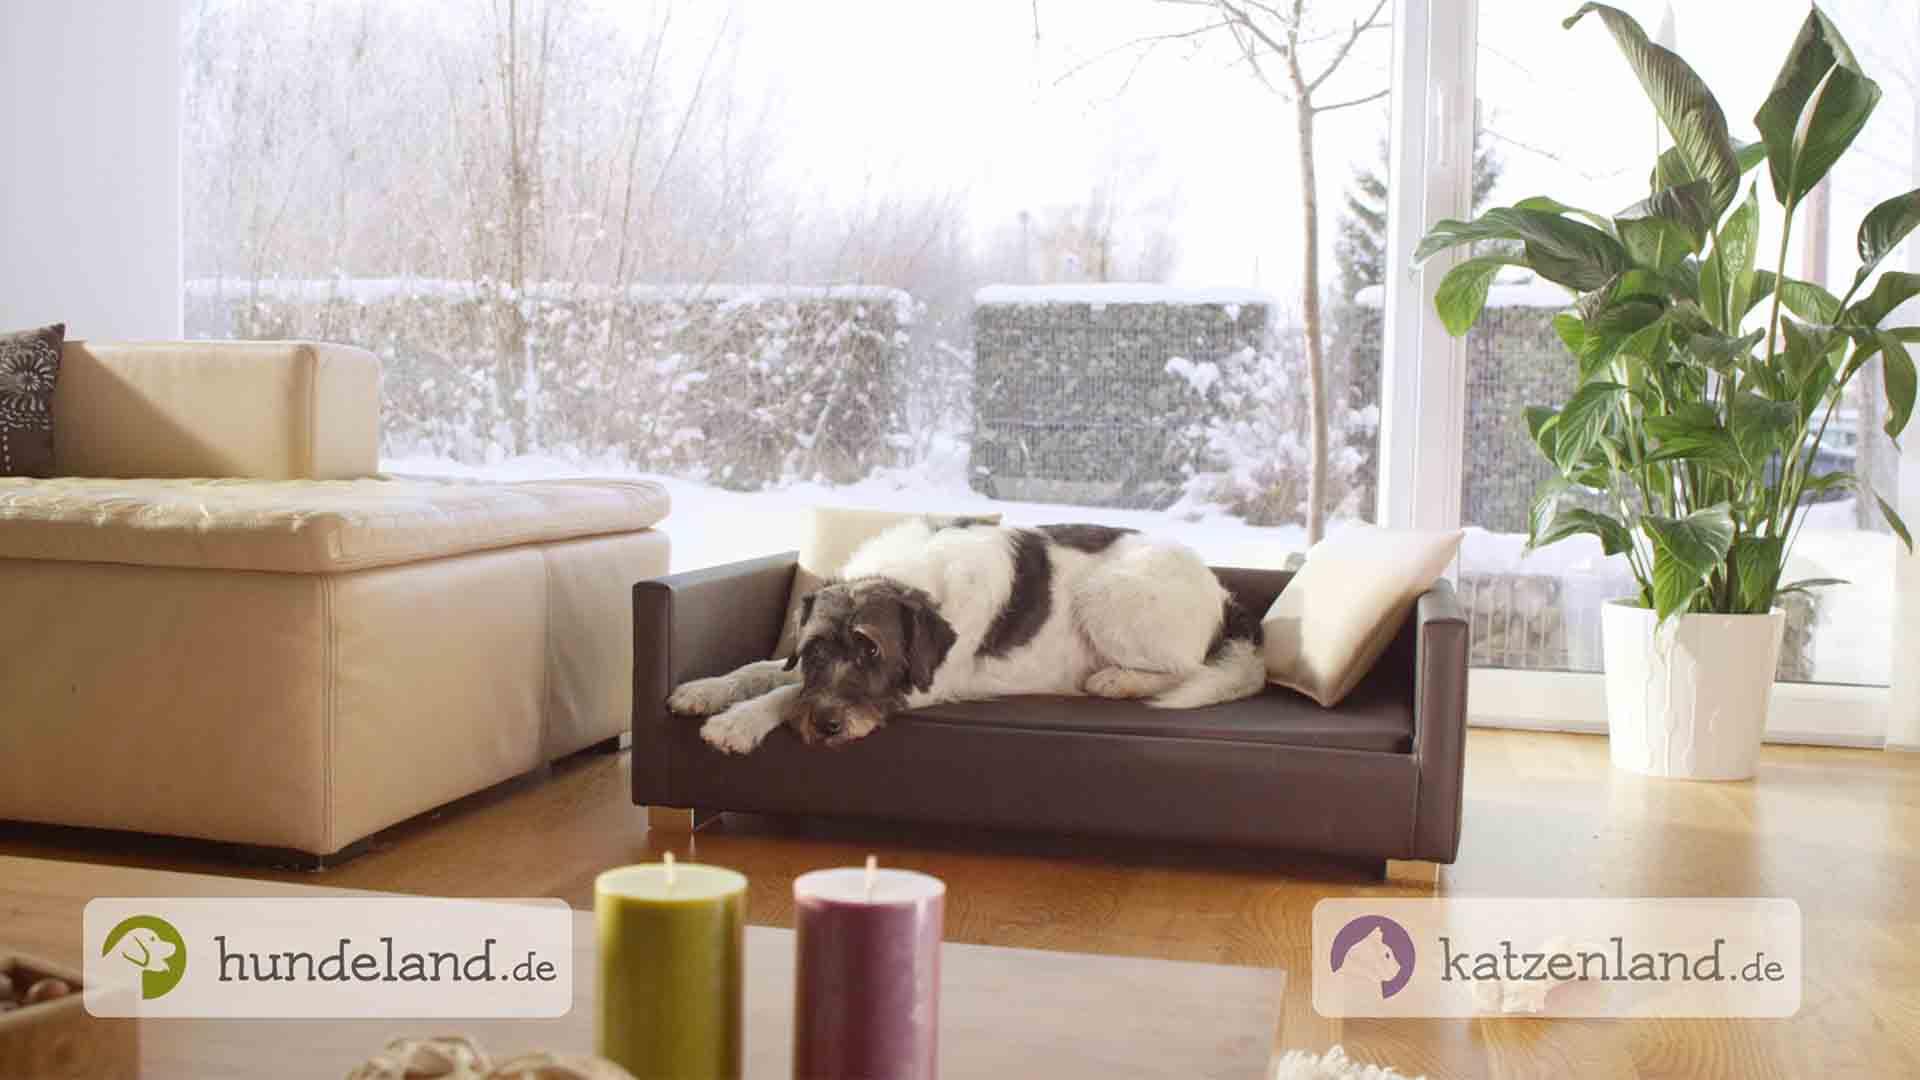 Das Bild zeigt einen Hund der in einem Hundekorb liegt. Der Hund ist schwarz und weiß befleckt. Vor ihm steht ein Tisch mit zwei Kerzen. Links steht eine grüne Kerze und neben ihr eine Animation die Hundeland.de sagt. Rechts steht eine lila Kerze neben der die Animation Katzenland.de zu lesen ist. Das Bild dient als Sliderbild für den Portfolioeintrag Hundeland Katzenland von Panda Pictures.